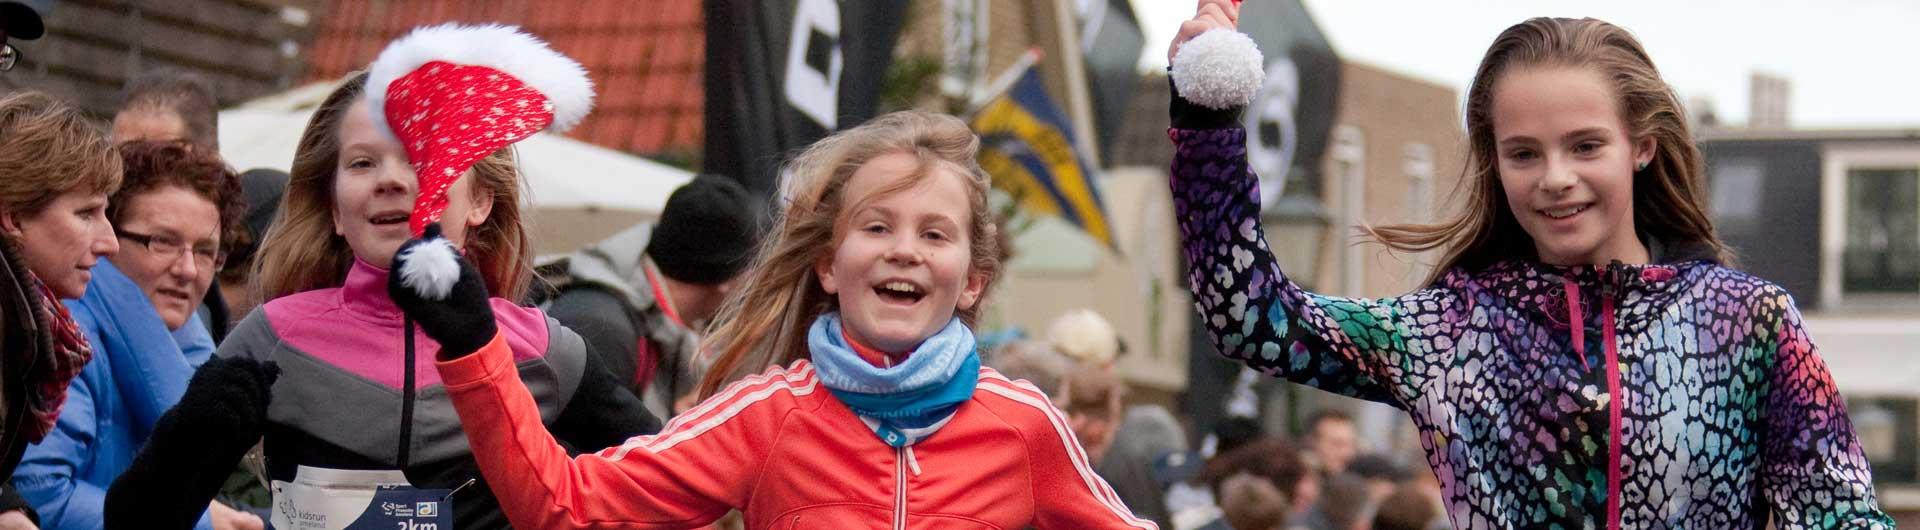 Ameland Adventurerun beeldverslagen 2011: Jeugdige runners op weg naar de finish in Nes